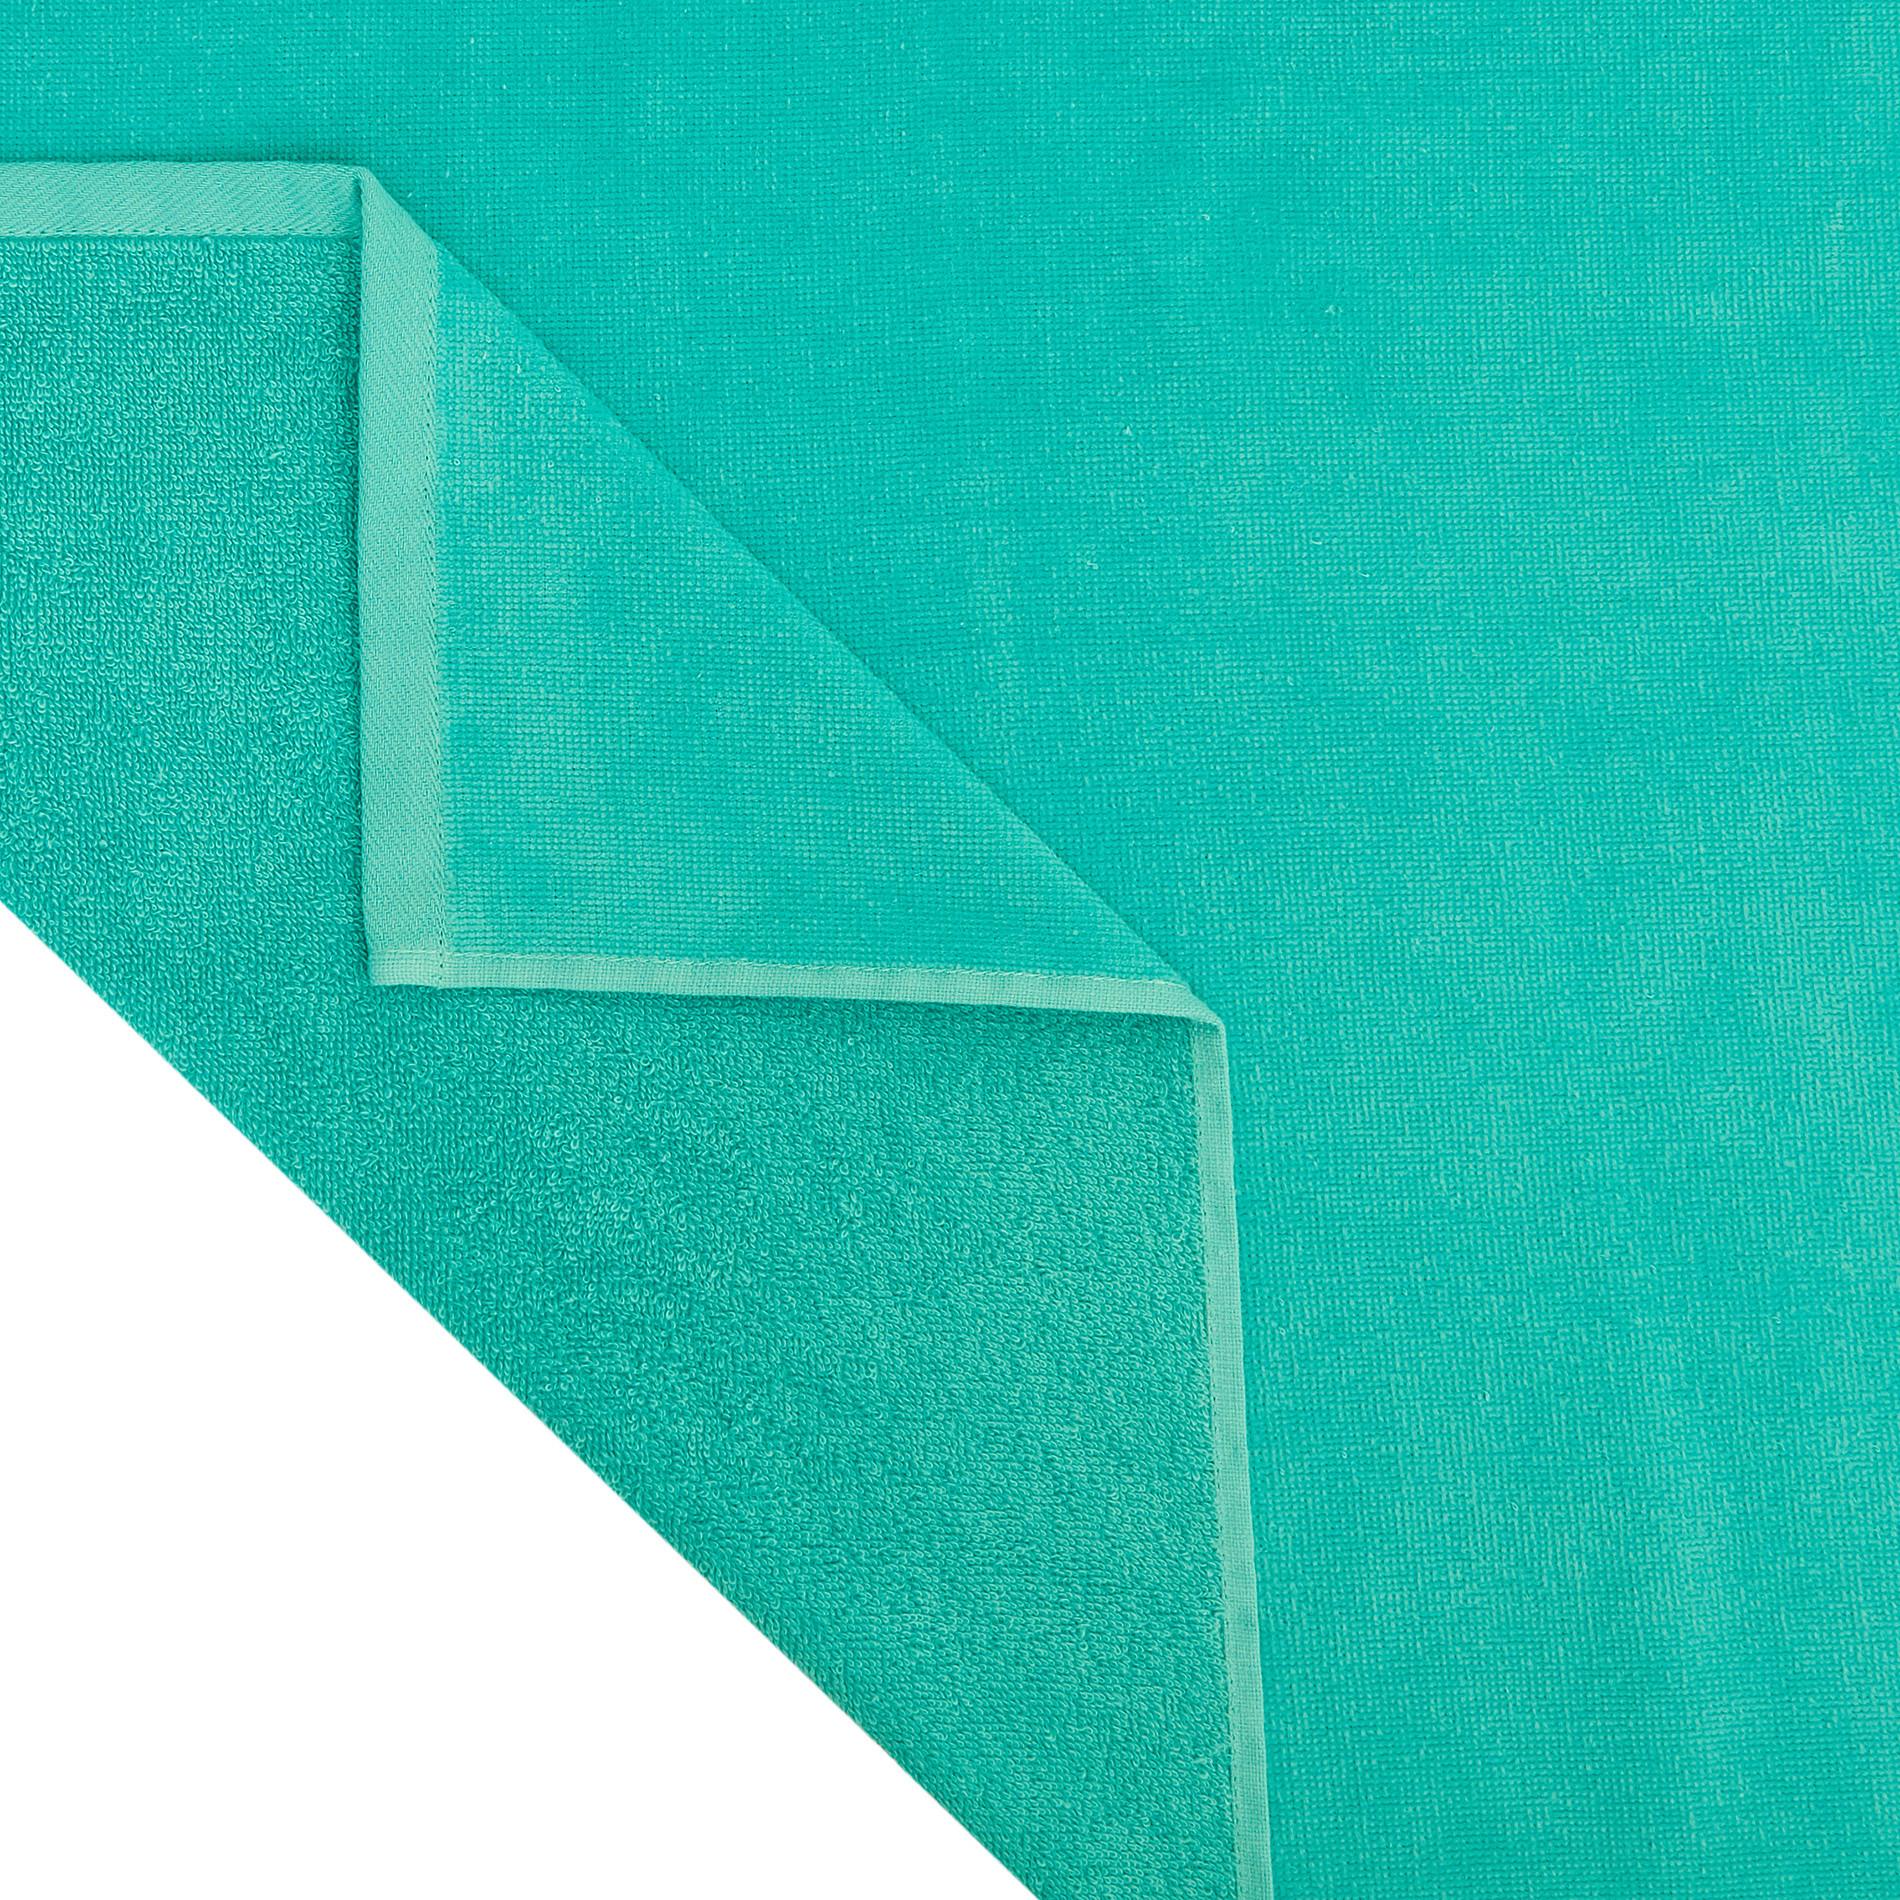 Telo mare in spugna di cotone con tasca, Verde chiaro, large image number 2